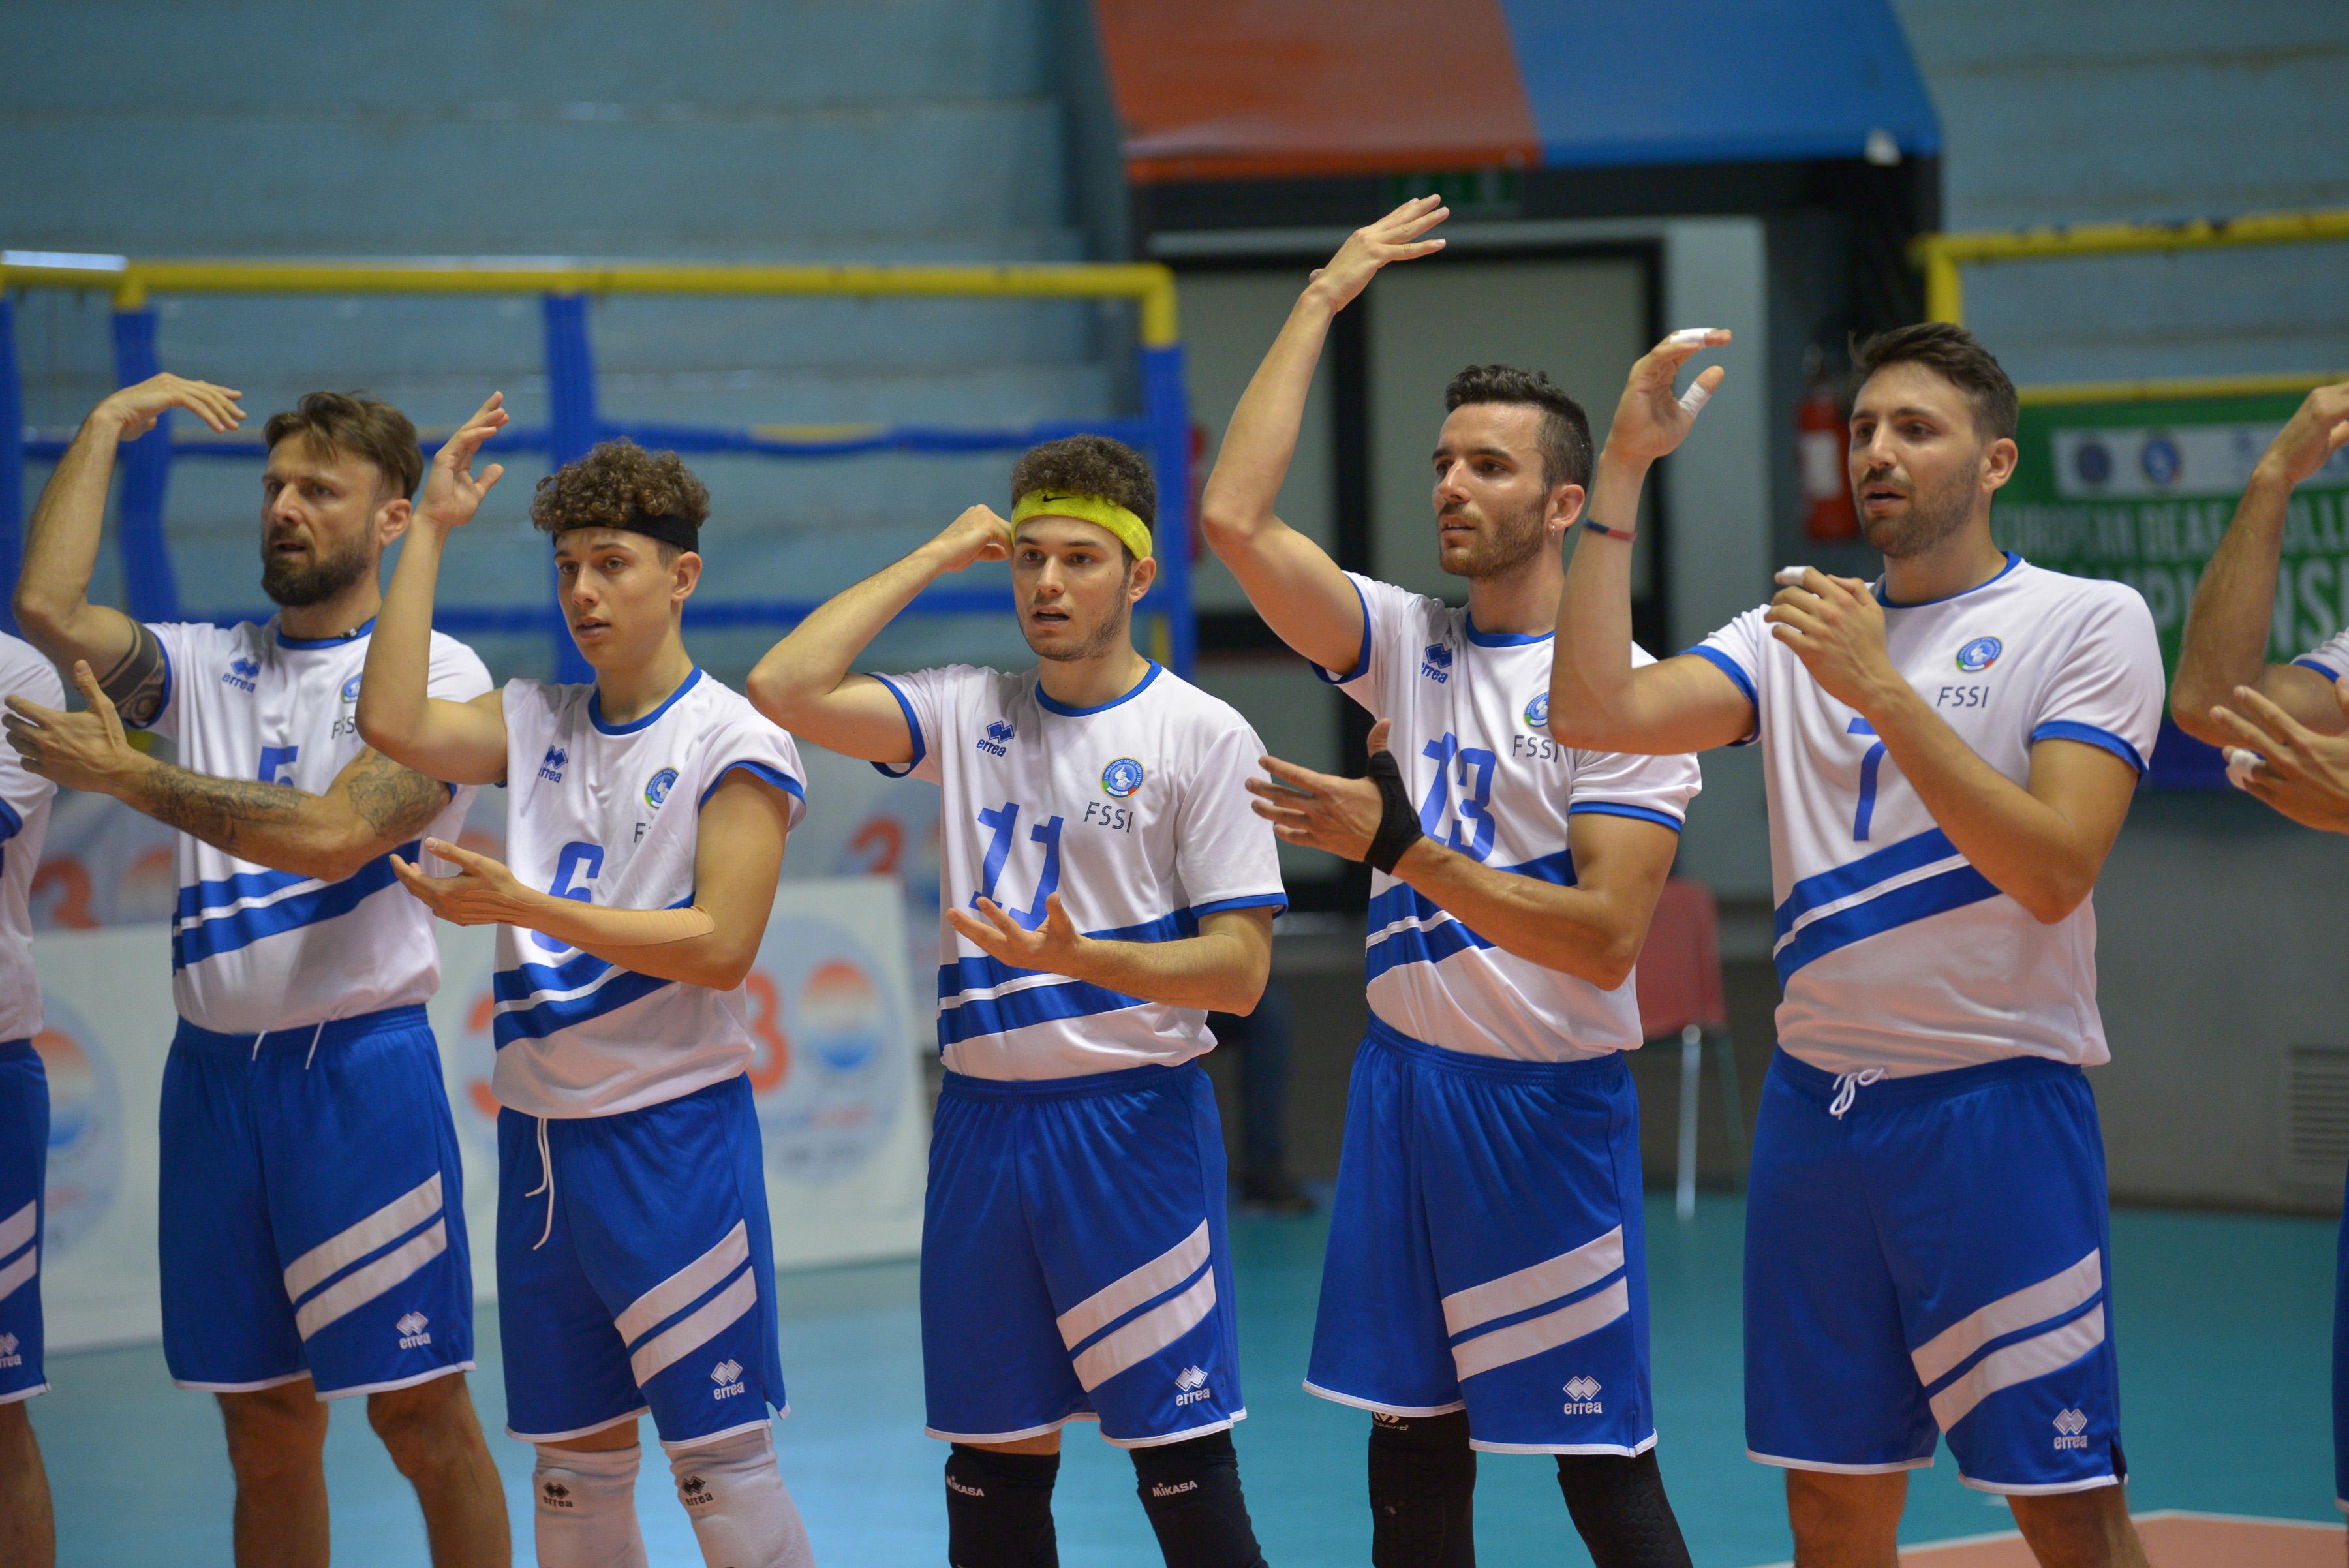 L'Italia maschile giocherà per il bronzo: ore 12.30 al PalaPirastu contro la Turchia. In finale, ci va la Russia